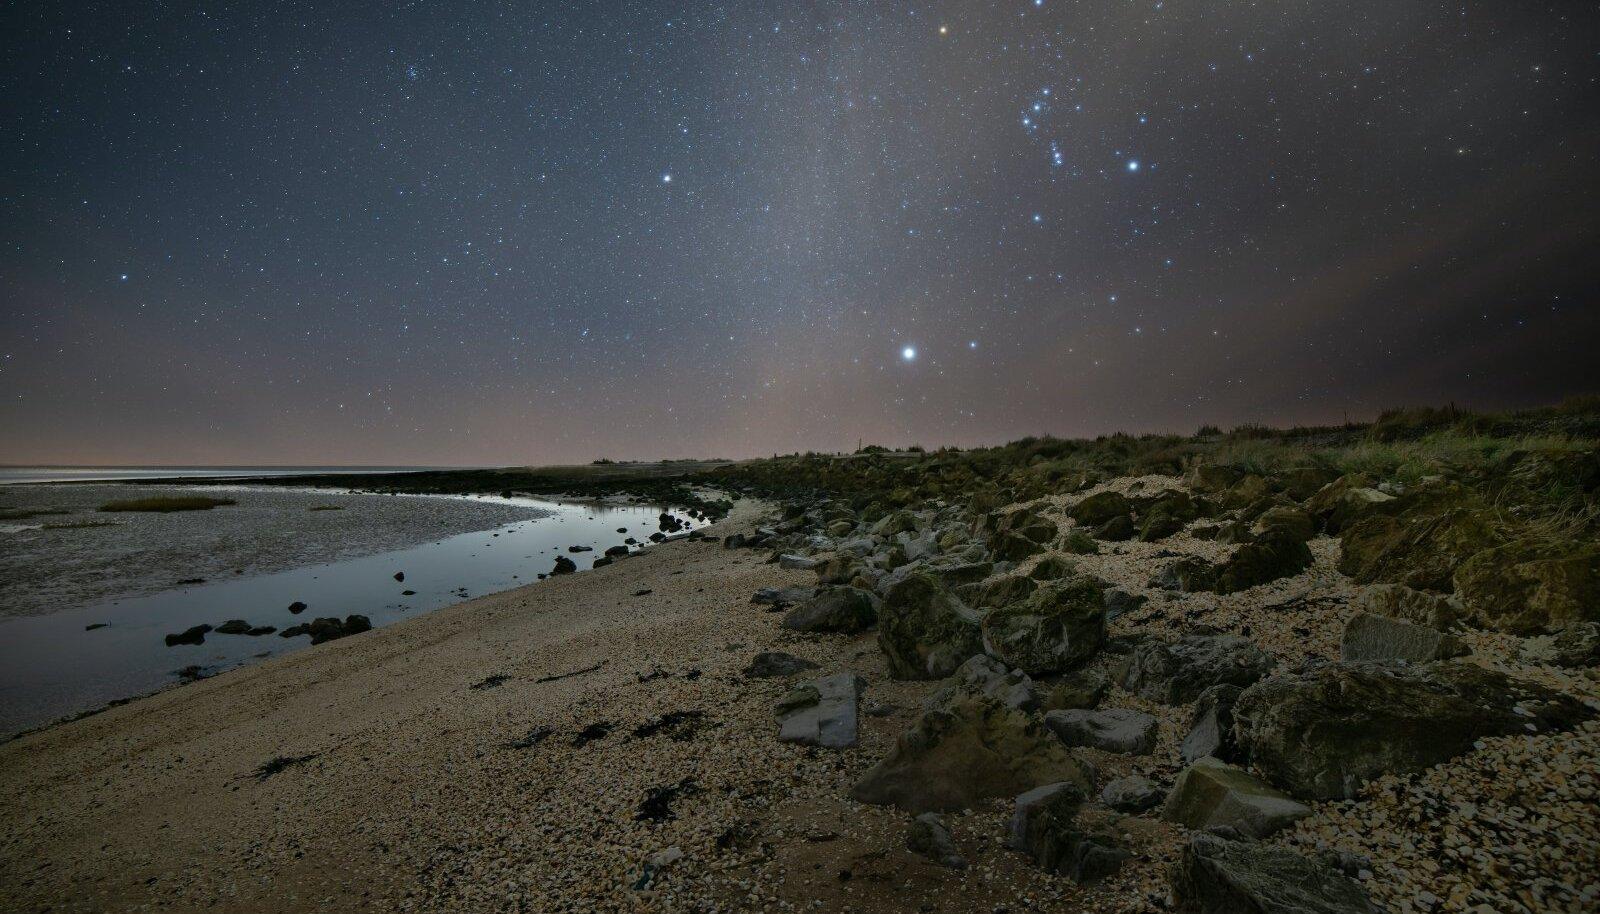 Illustratiivse tähendusega pilt tähtedest (Foto: Unsplash.com / Joseph Vary)